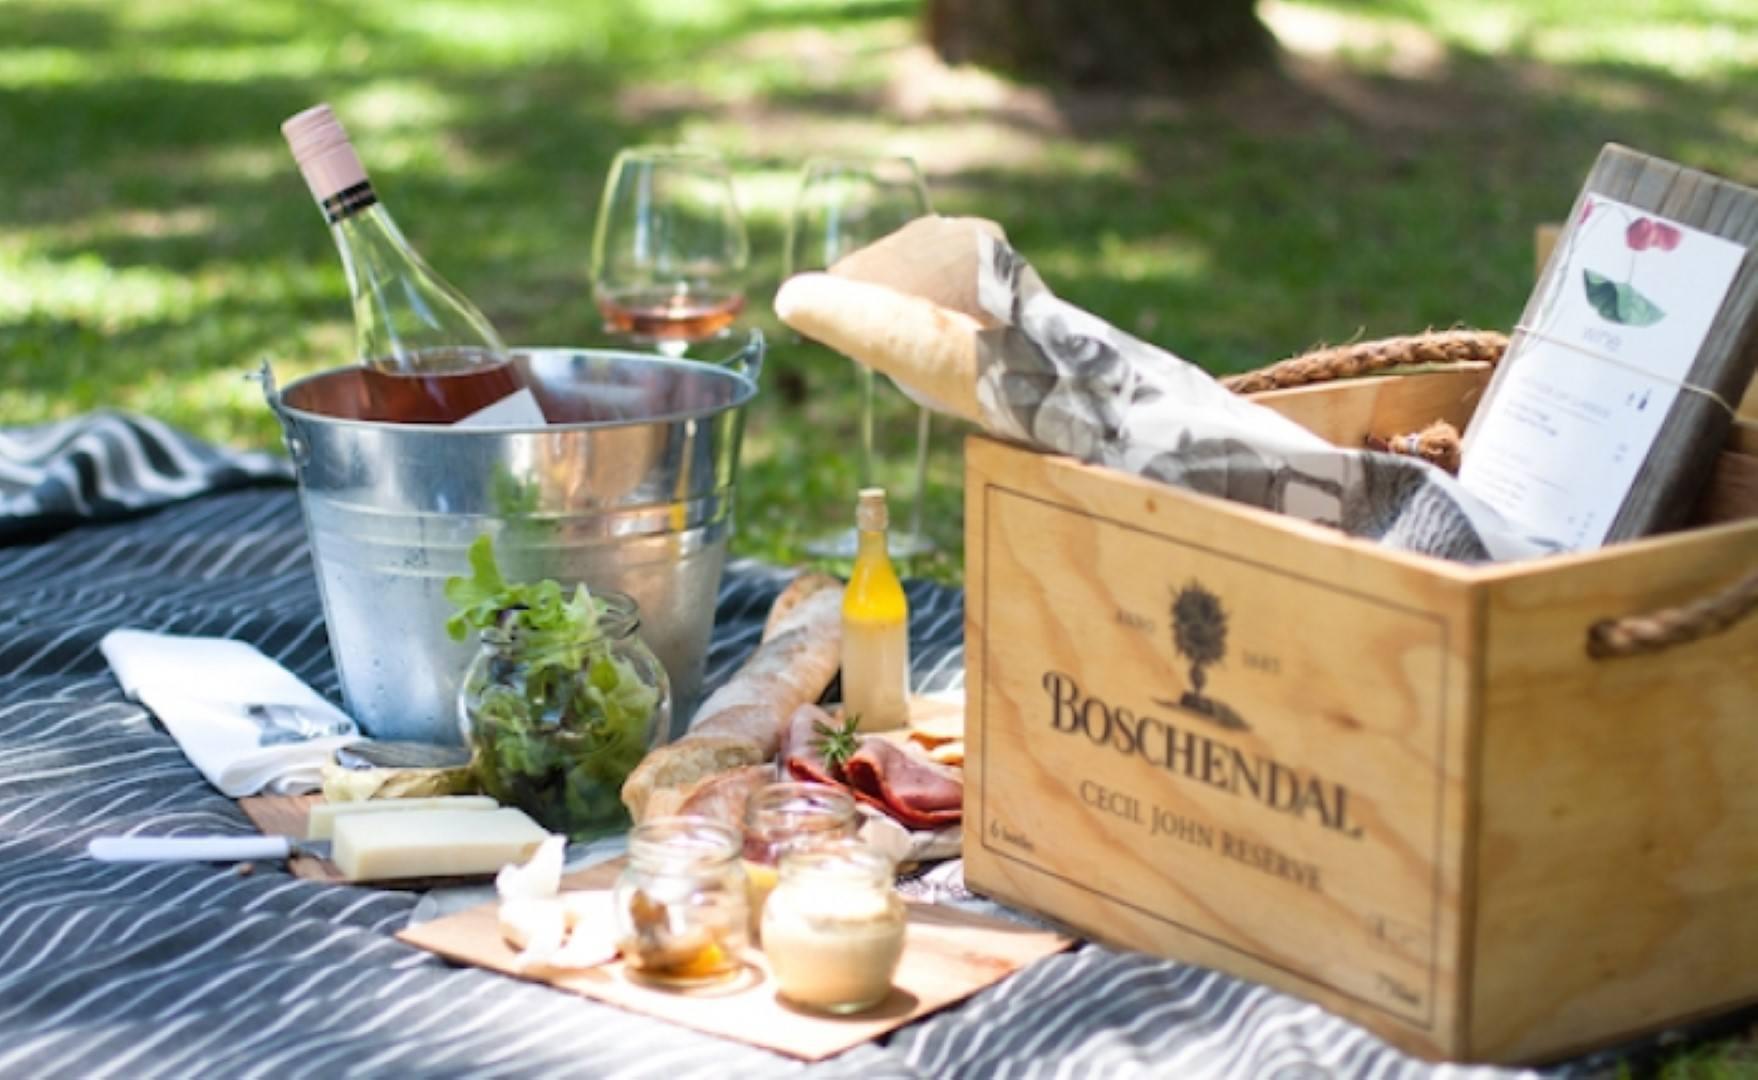 La Route des vins en Afrique du Sud   Boschendal à Franschhoek